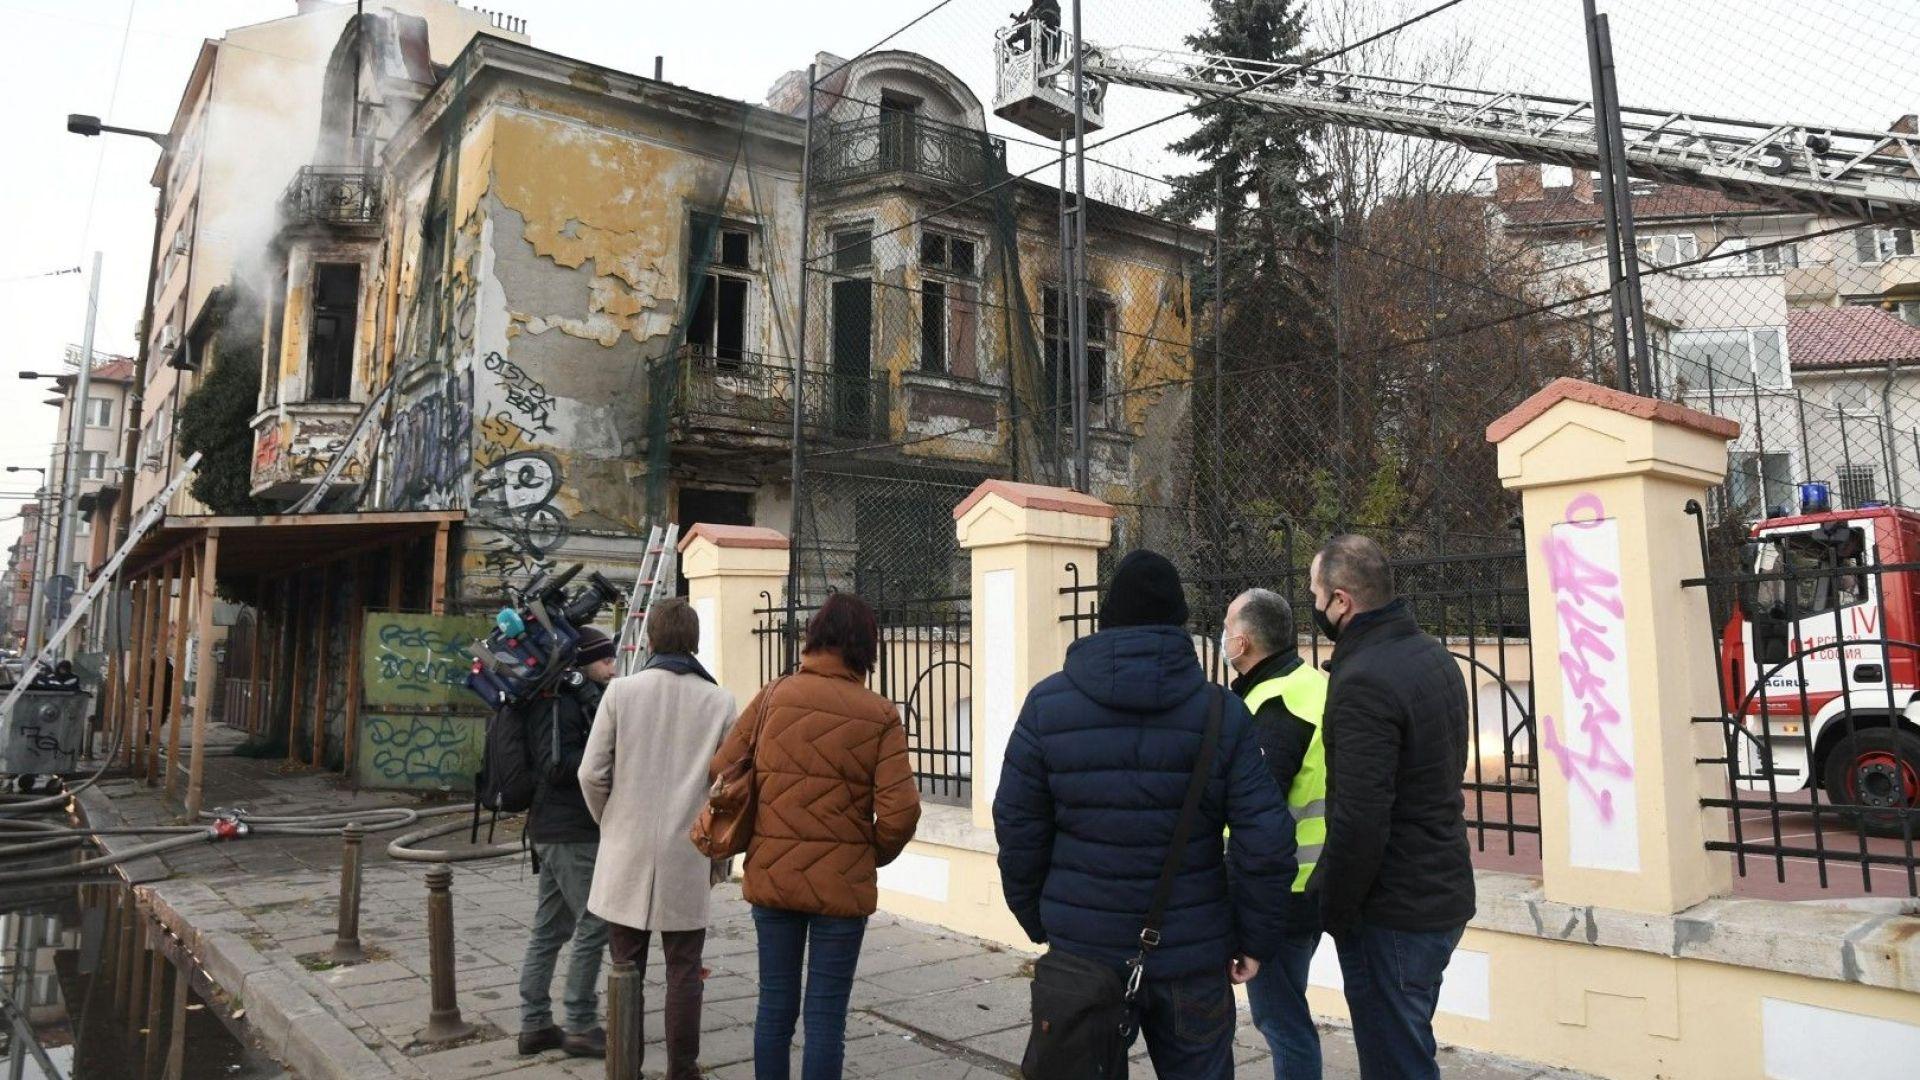 Паметник на културата в София горя заради пожар от самонастанил се клошар